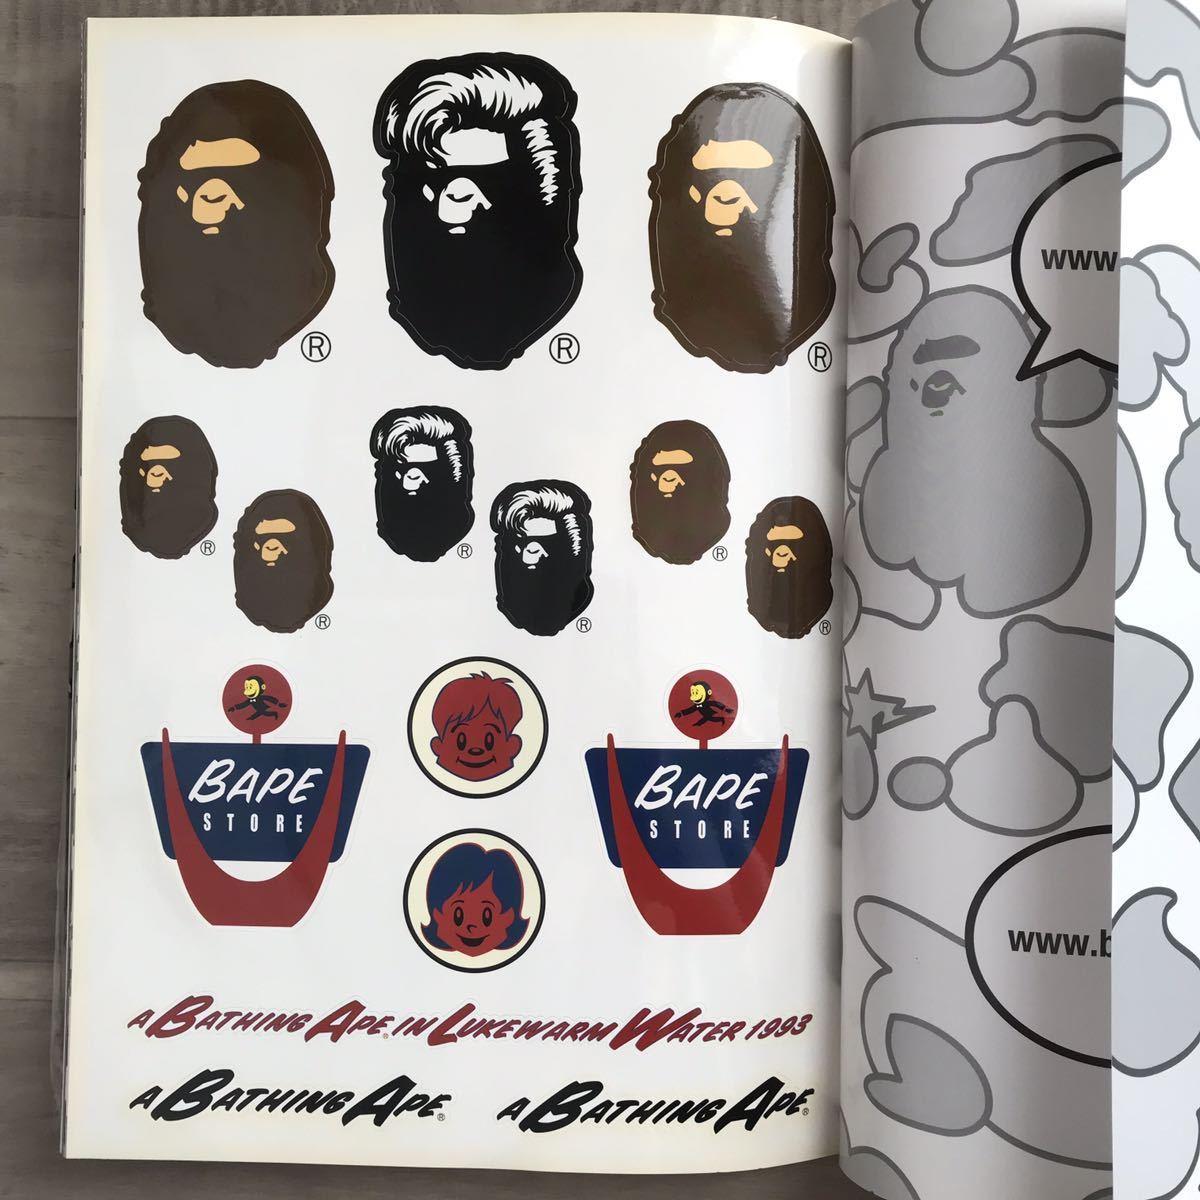 ★付録未開封★ 2008 S/S ムック本 a bathing ape bape camo mook エイプ ベイプ 付録 本 フリース ブランケット nigo sta スター